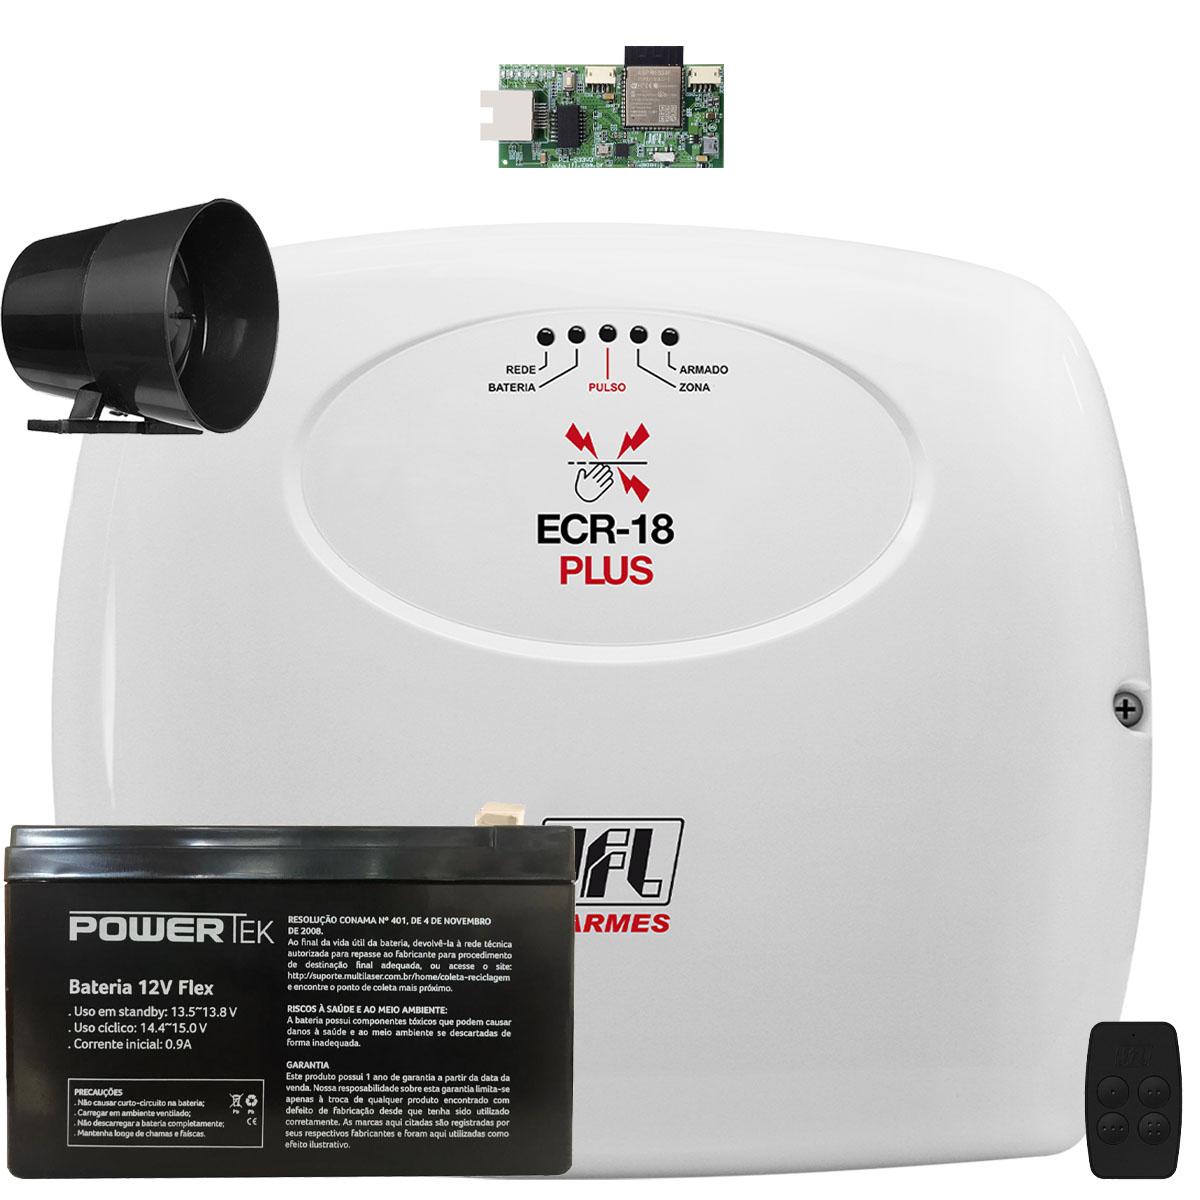 Central de Choque e Alarme Ecr 18 Jfl Com Modulo Ethernet e Bateria